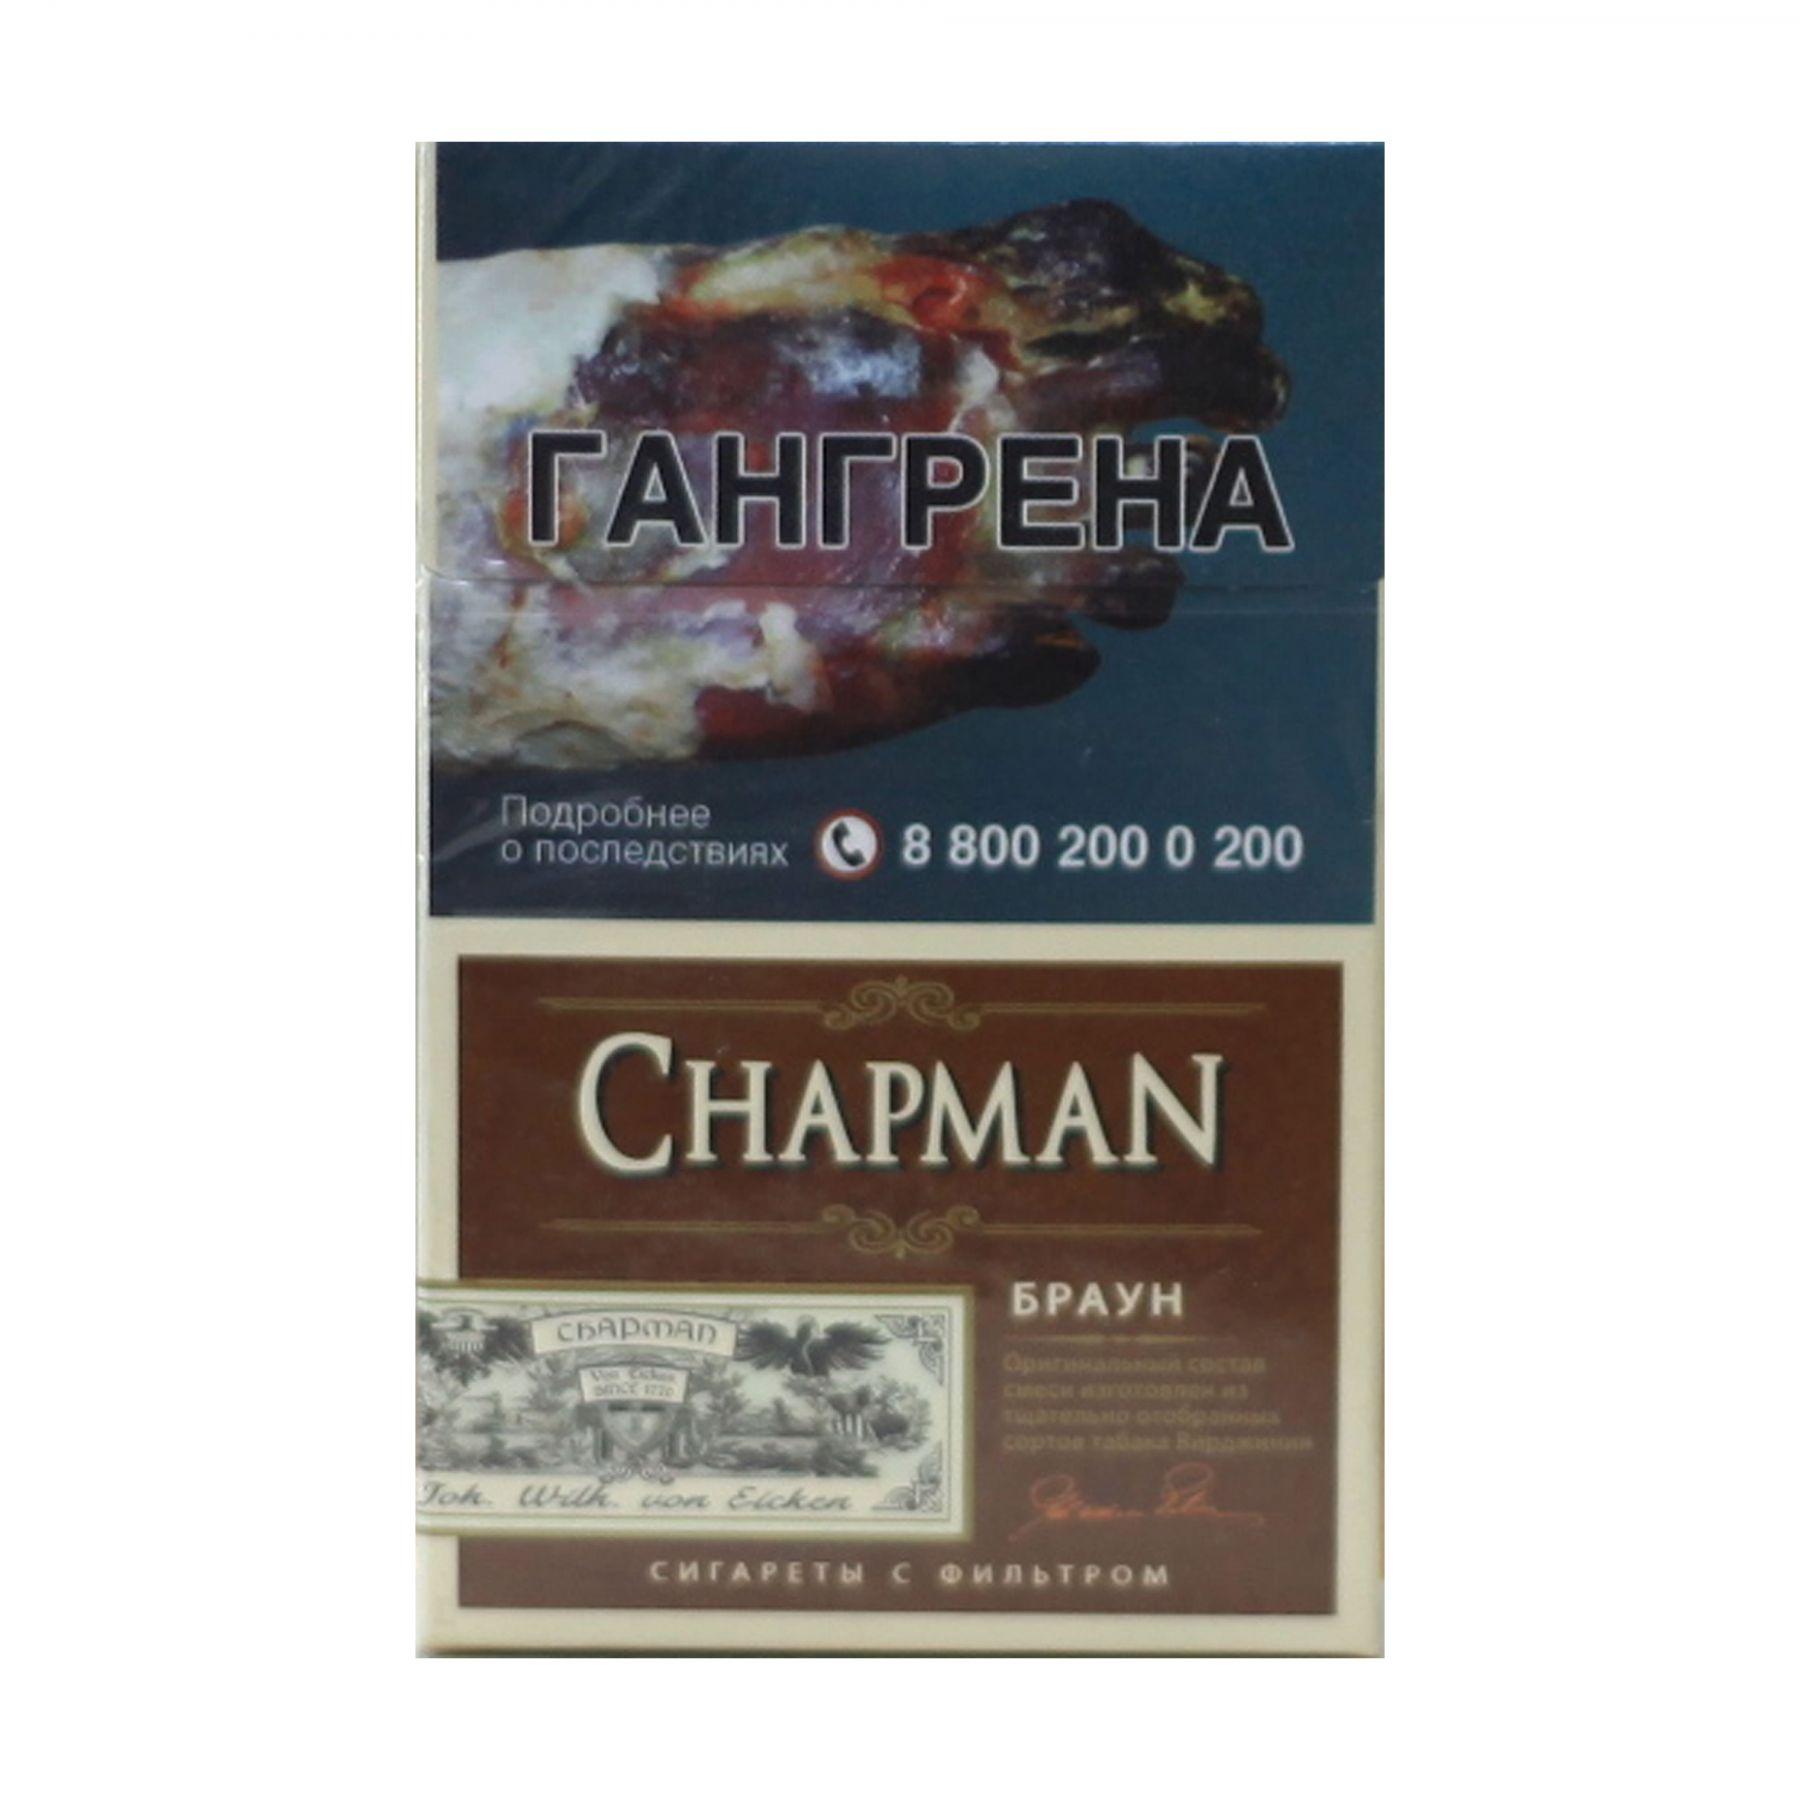 Сигареты chapman спб купить одноразовые электронные сигареты hqd как купить